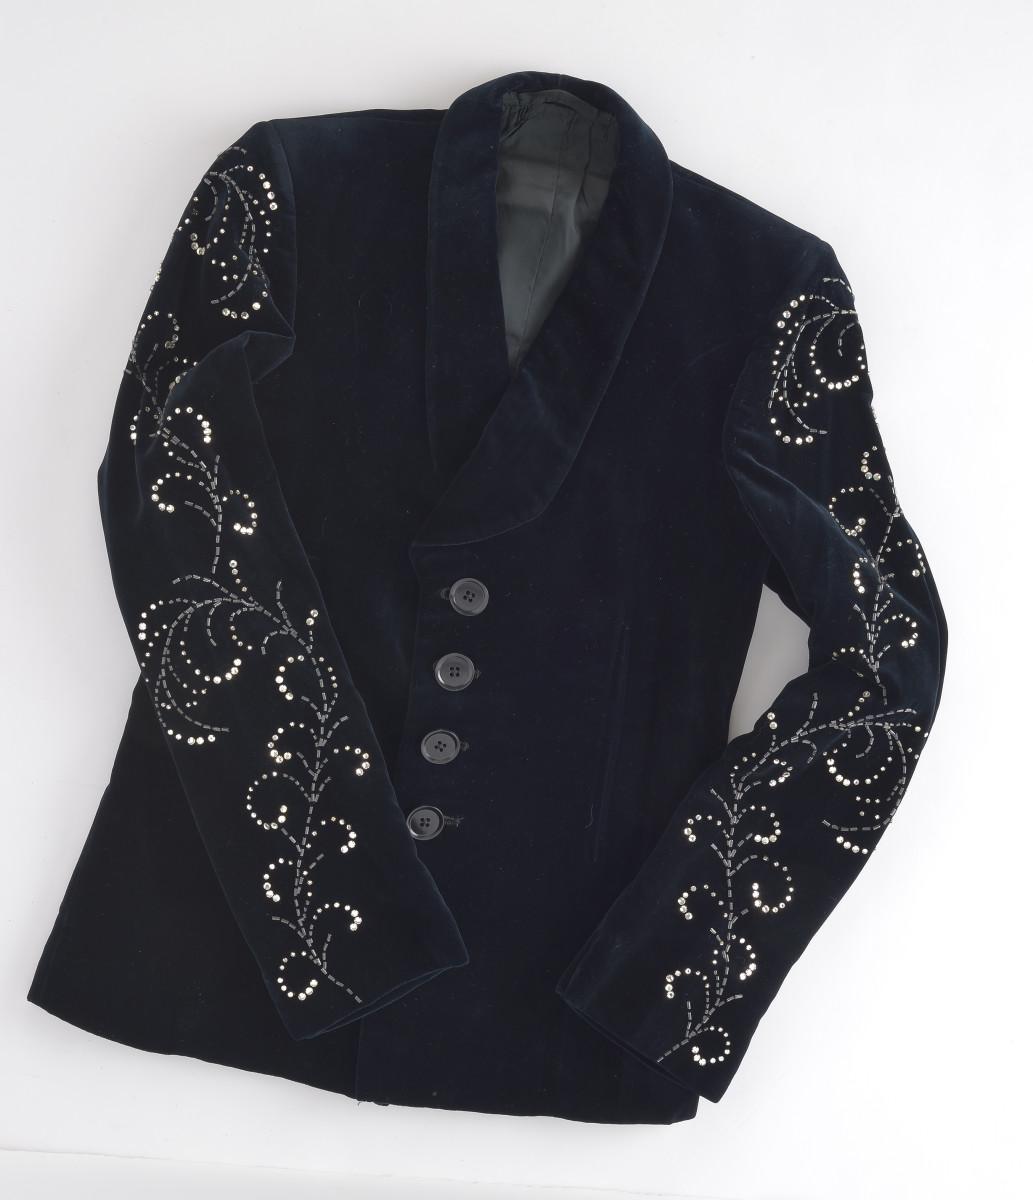 Charlie Watts tour-worn jacket